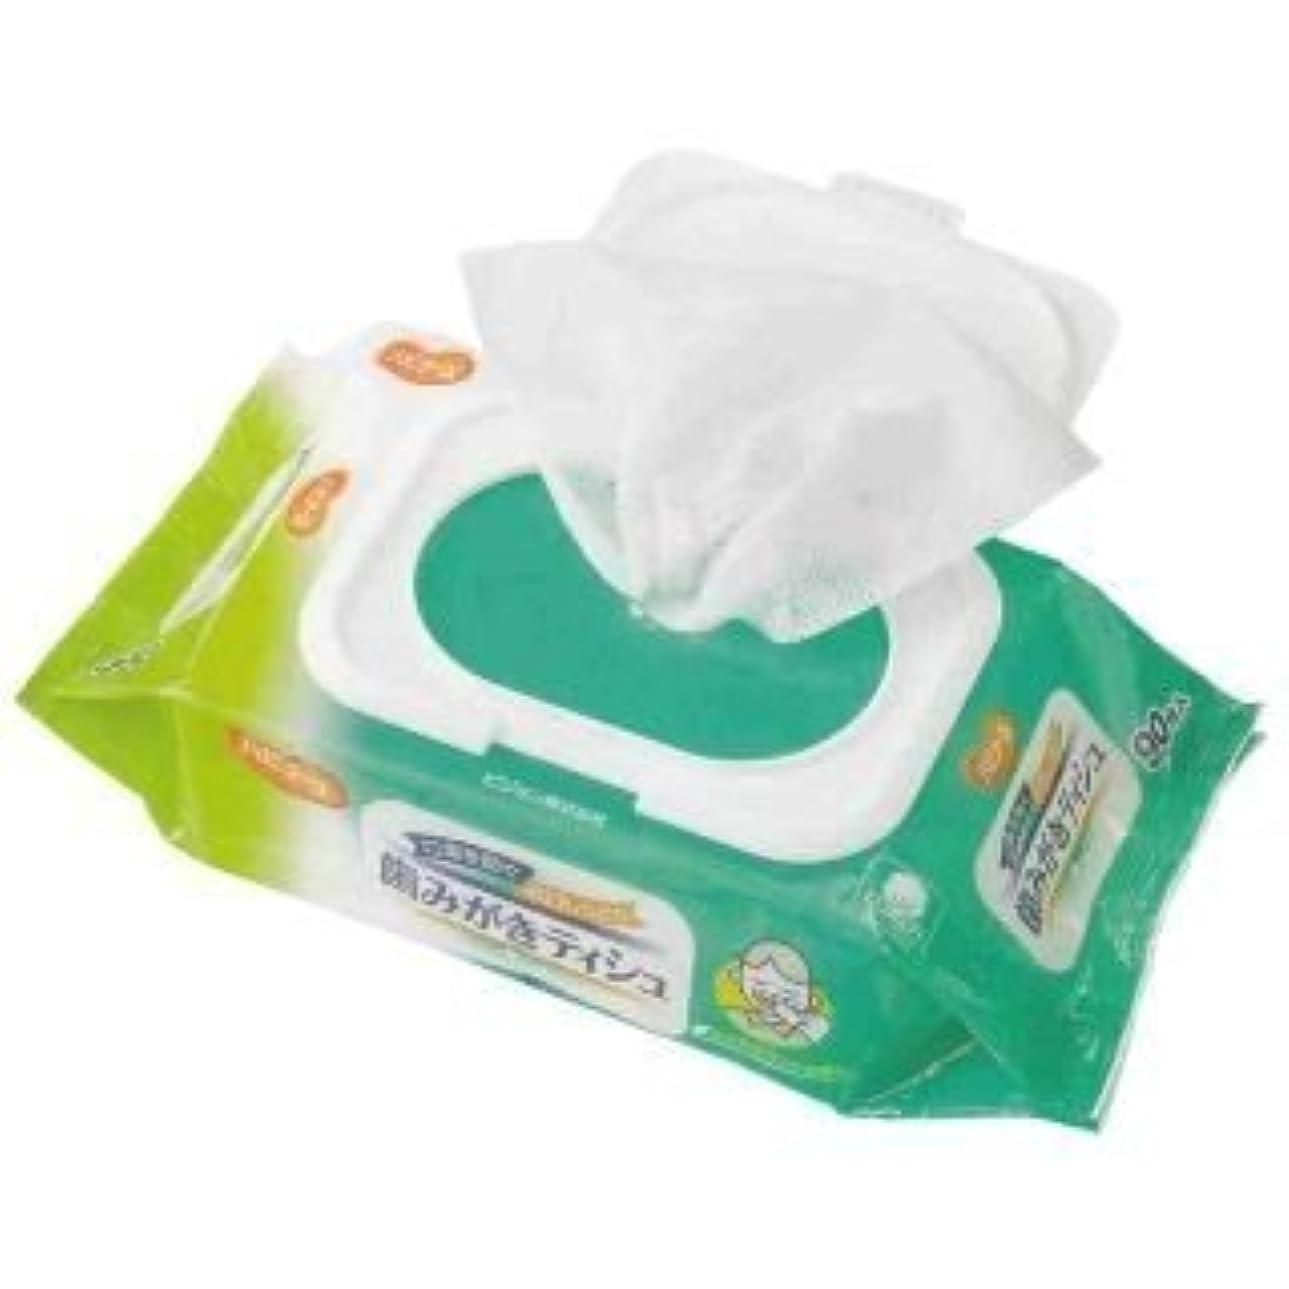 本物の踊り子珍味口臭を防ぐ&お口しっとり!ふきとりやすいコットンメッシュシート!お口が乾燥して、お口の臭いが気になるときに!歯みがきティシュ 90枚入